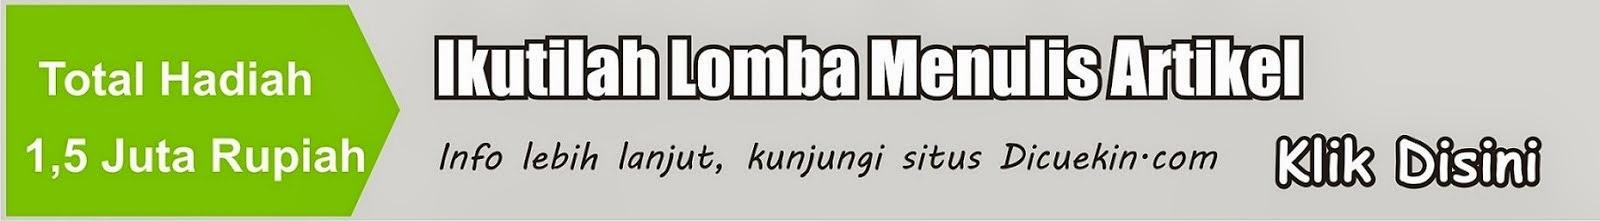 Lomba Menulis Artikel Dicuekin.com